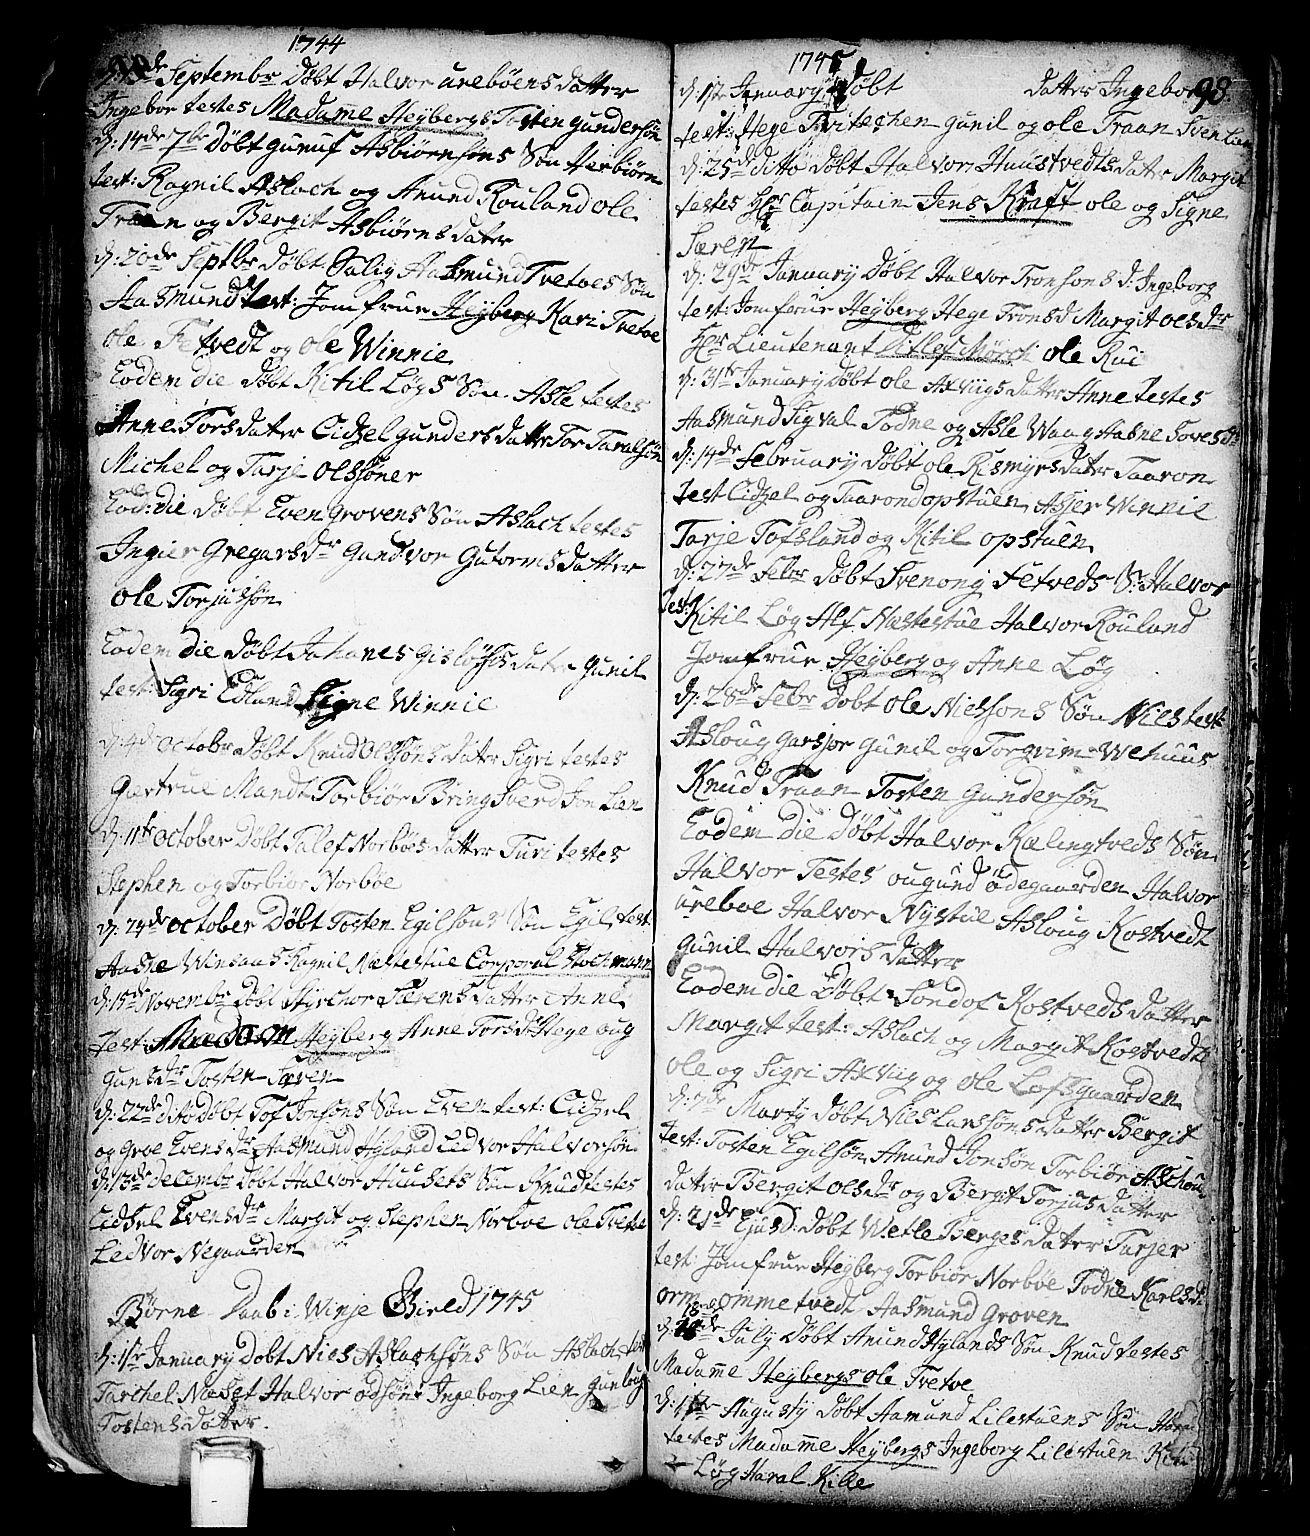 SAKO, Vinje kirkebøker, F/Fa/L0001: Ministerialbok nr. I 1, 1717-1766, s. 98